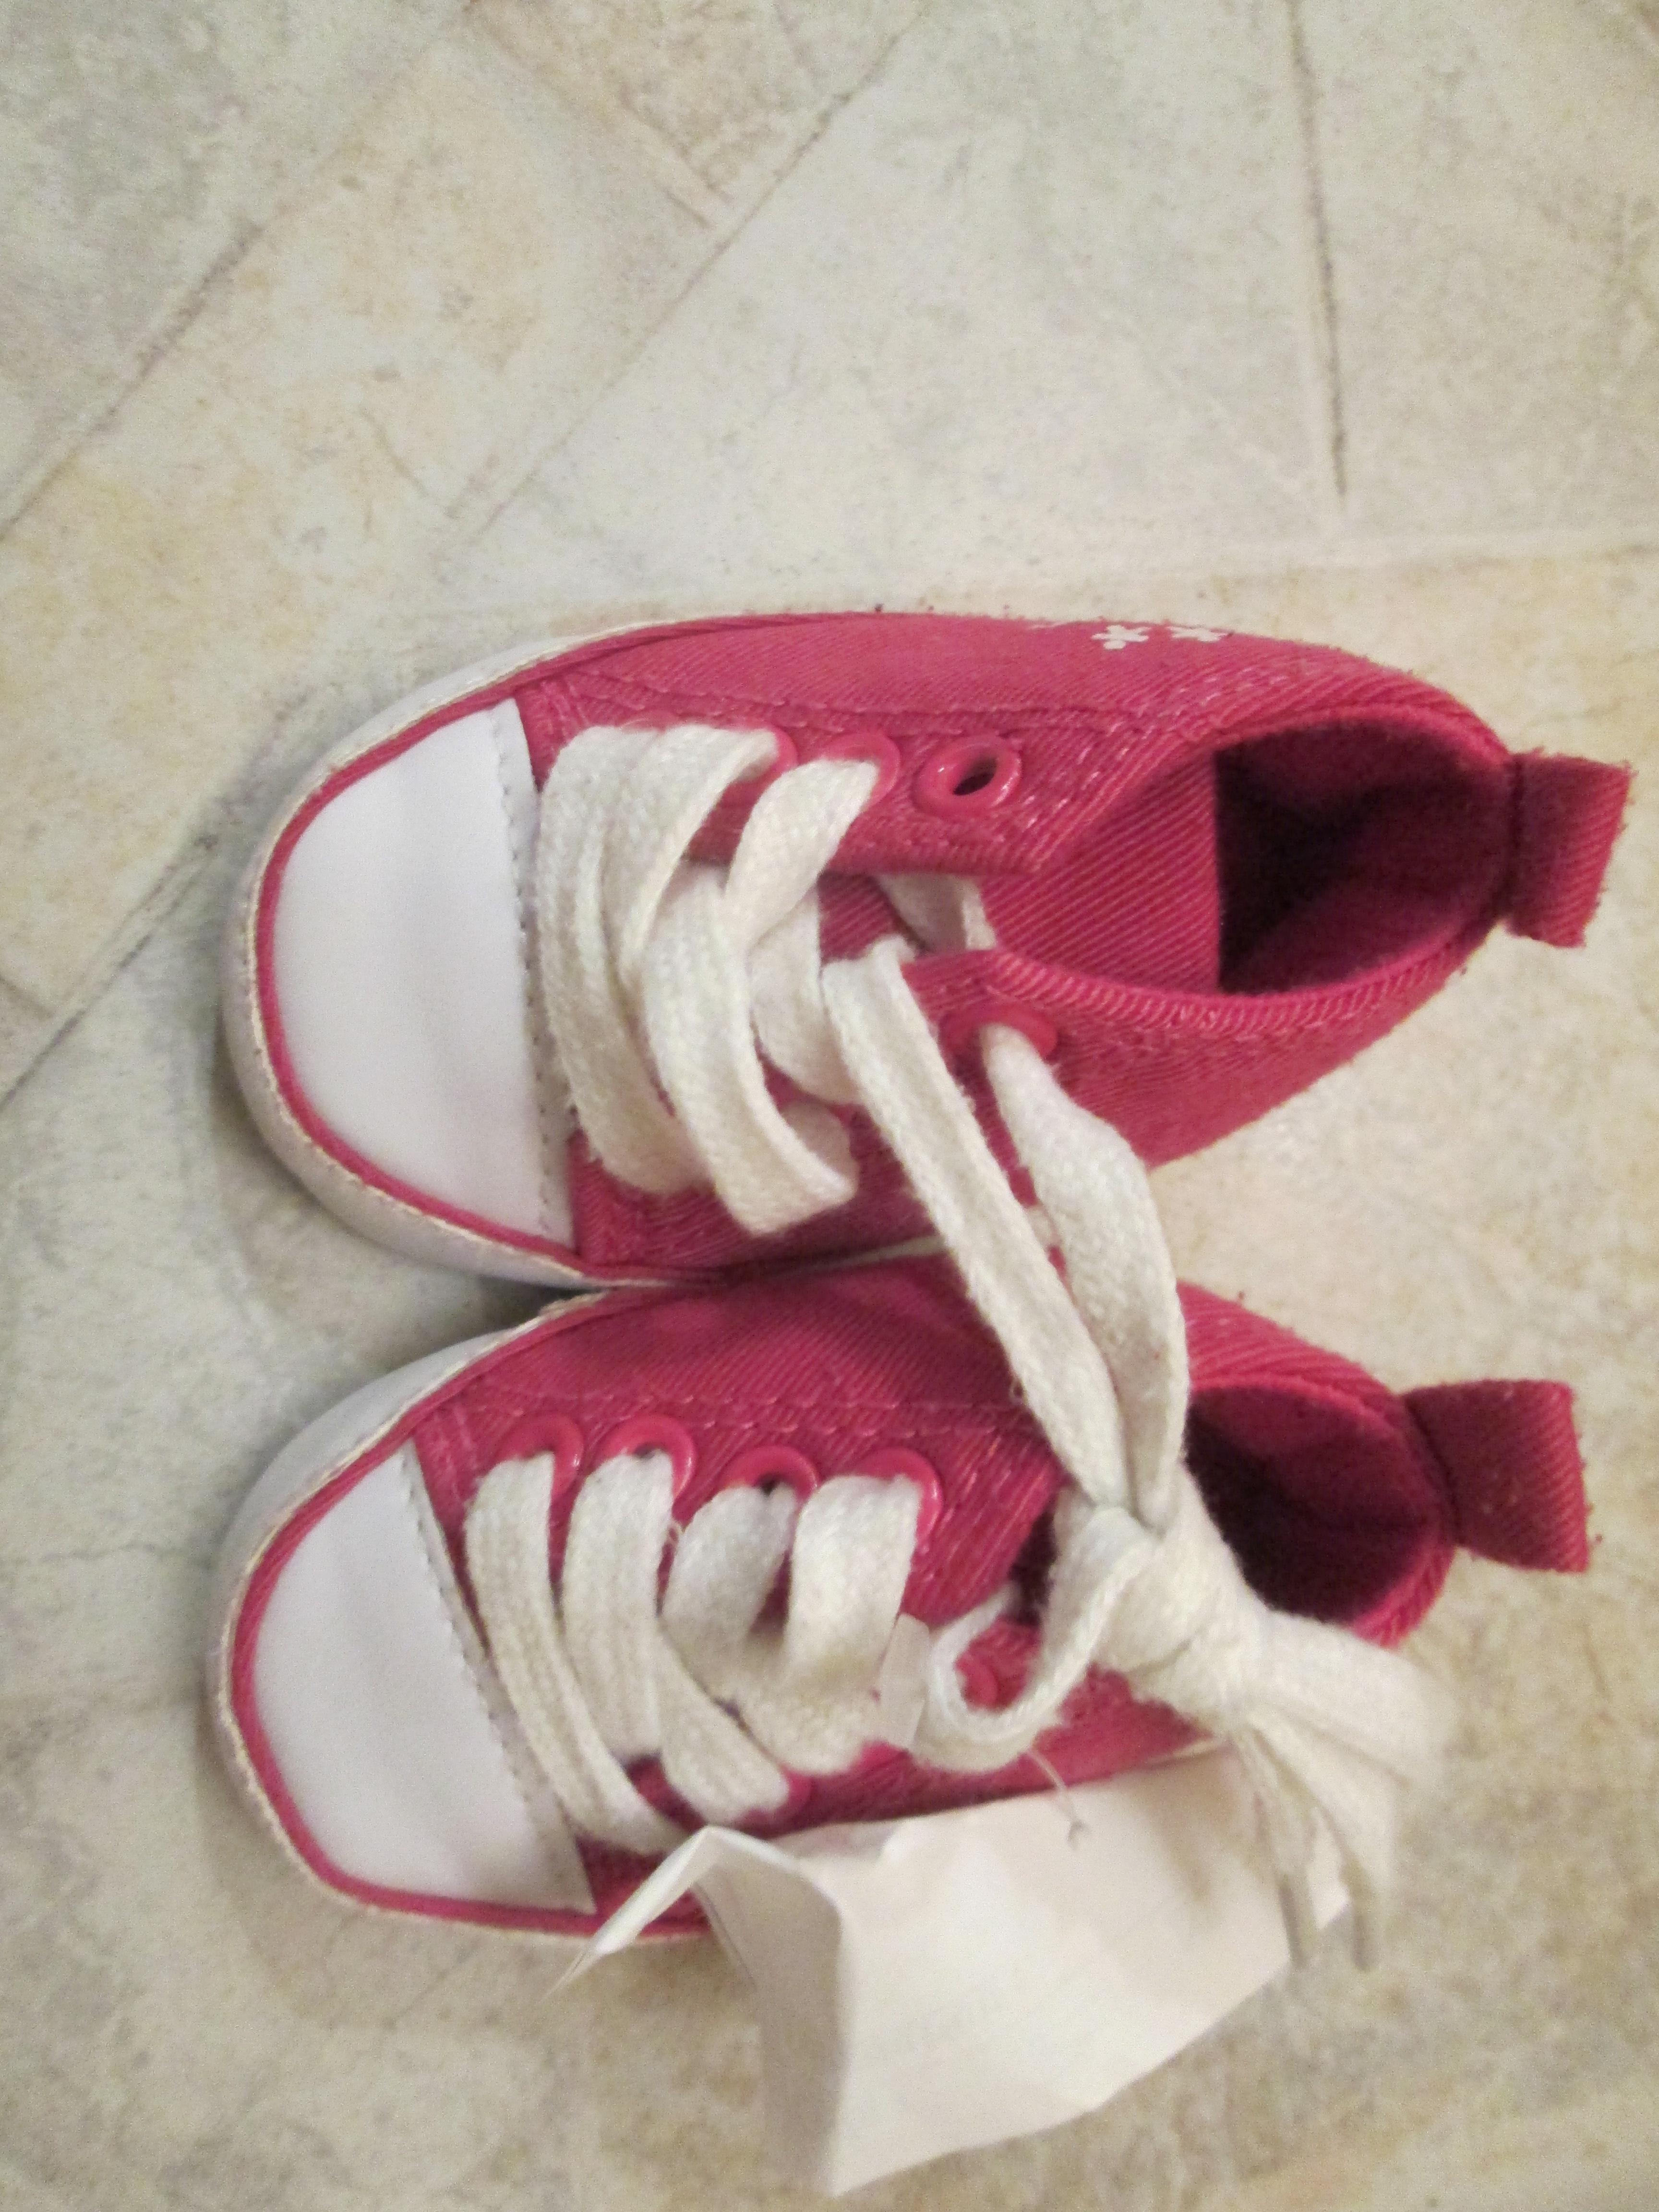 troc de troc chaussures vraiment bébé 3 noisettes image 0